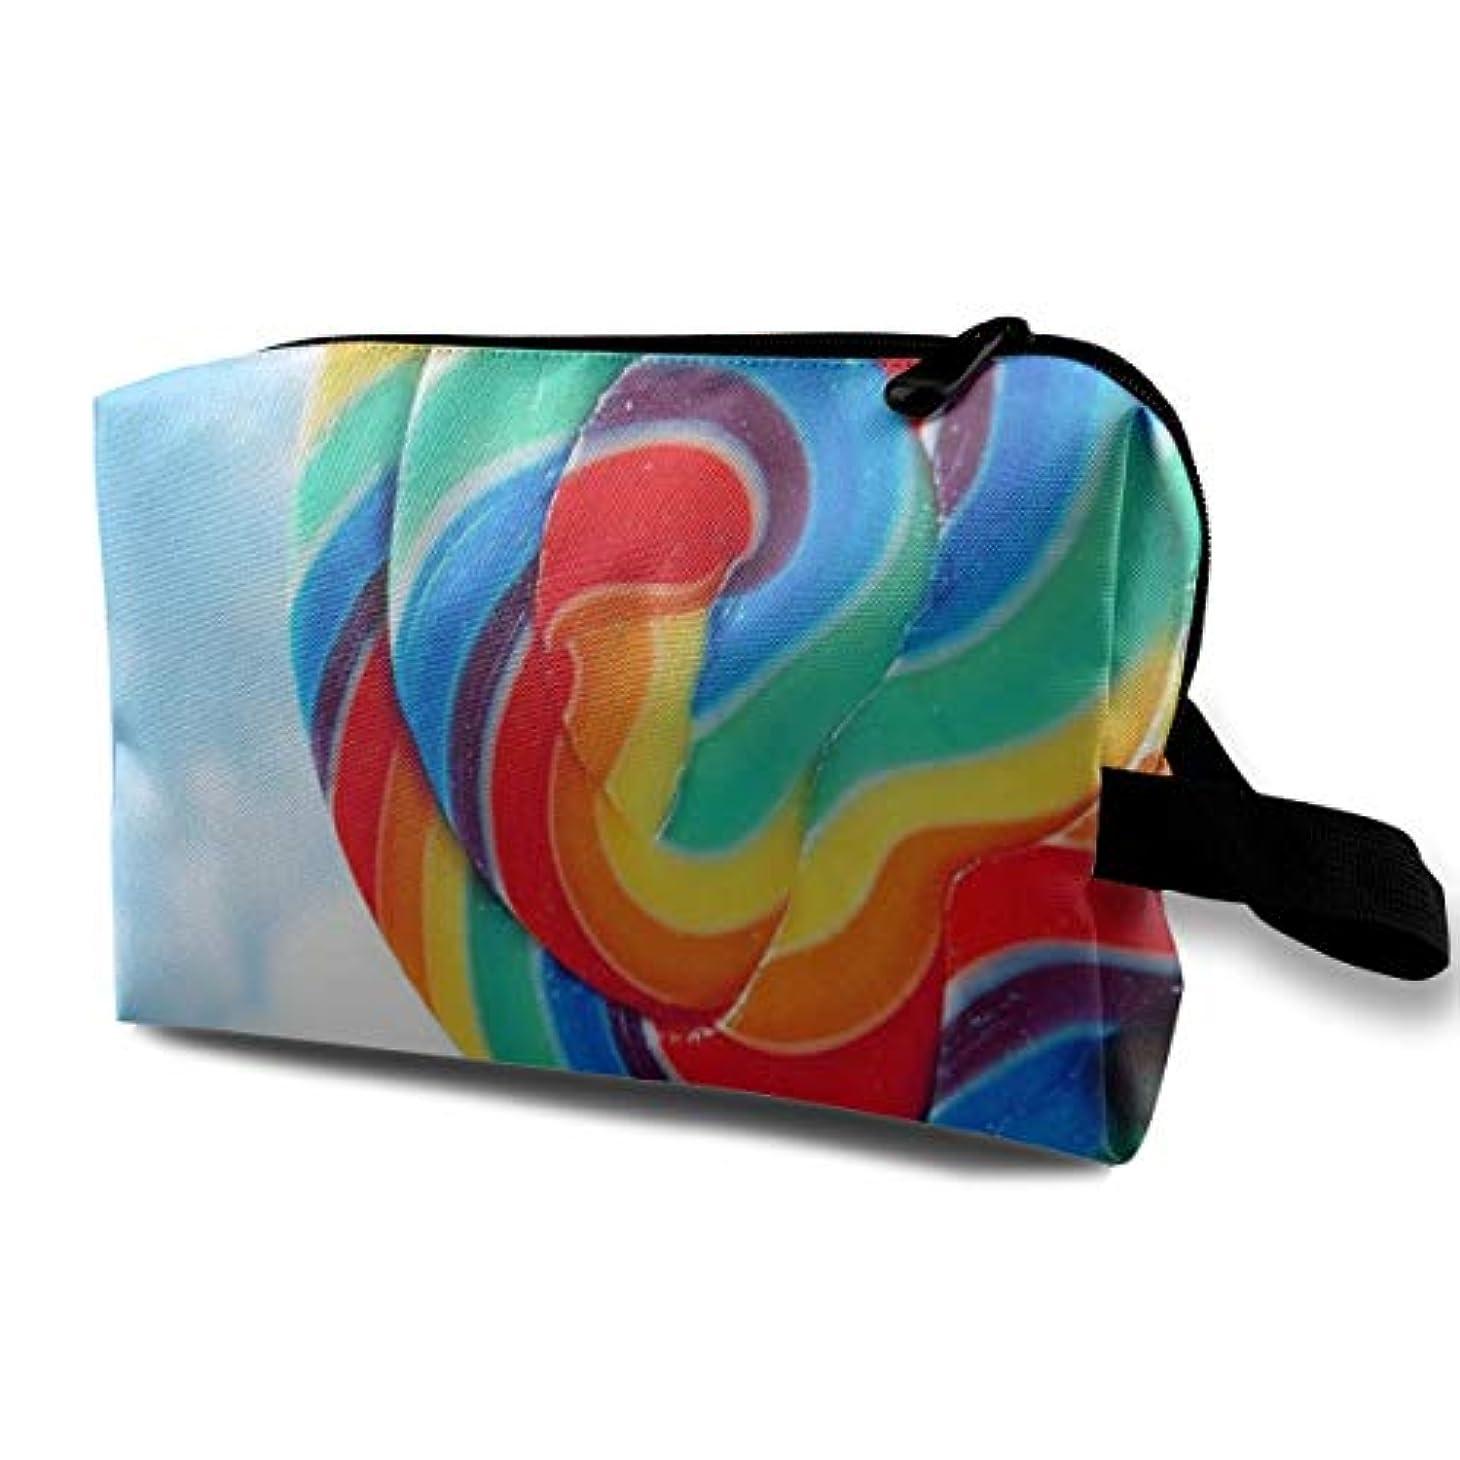 タッチ願う肺炎Colorful Lollipop Background 収納ポーチ 化粧ポーチ 大容量 軽量 耐久性 ハンドル付持ち運び便利。入れ 自宅?出張?旅行?アウトドア撮影などに対応。メンズ レディース トラベルグッズ